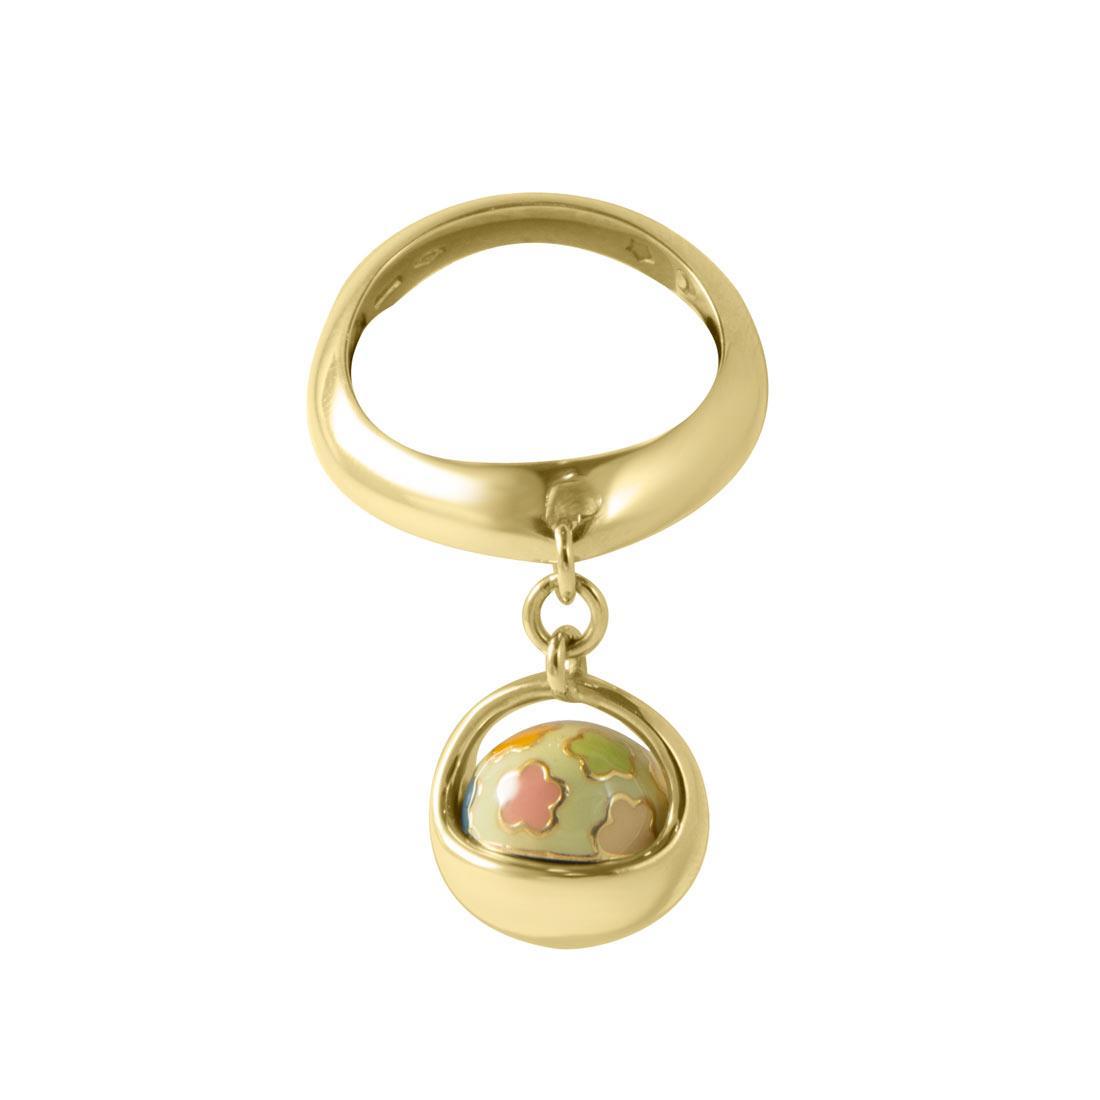 Anello i in oro giallo con smalto e diamante ct 0.01, misura 8 - PASQUALE BRUNI